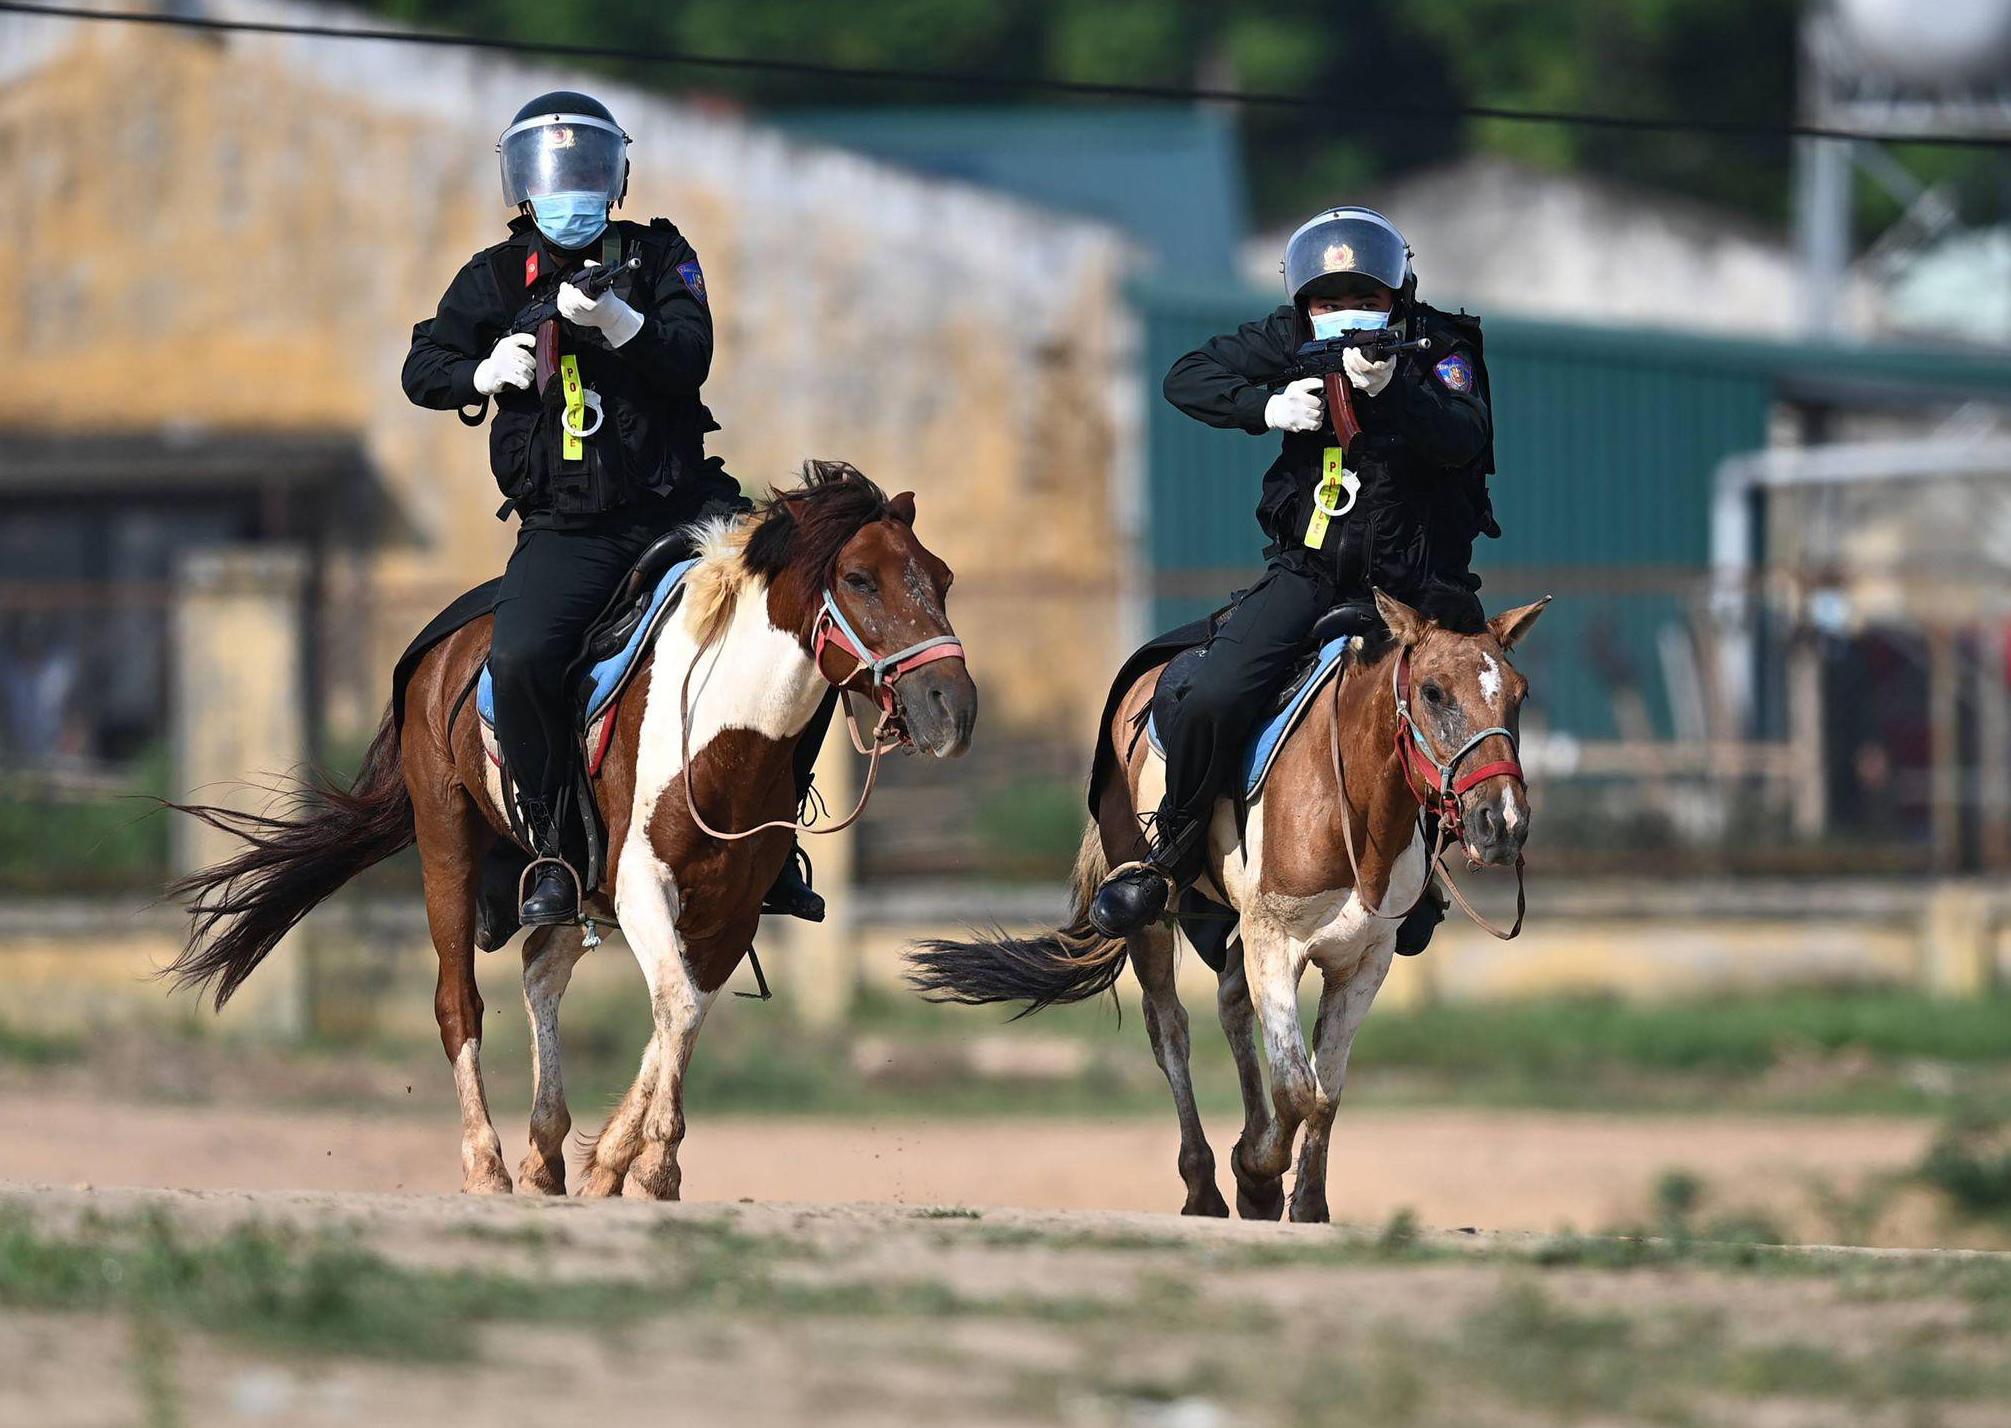 Cảnh sát Cơ động kỵ binh ngày một thuần thục kỹ năng nghiệp vụ - Ảnh 3.